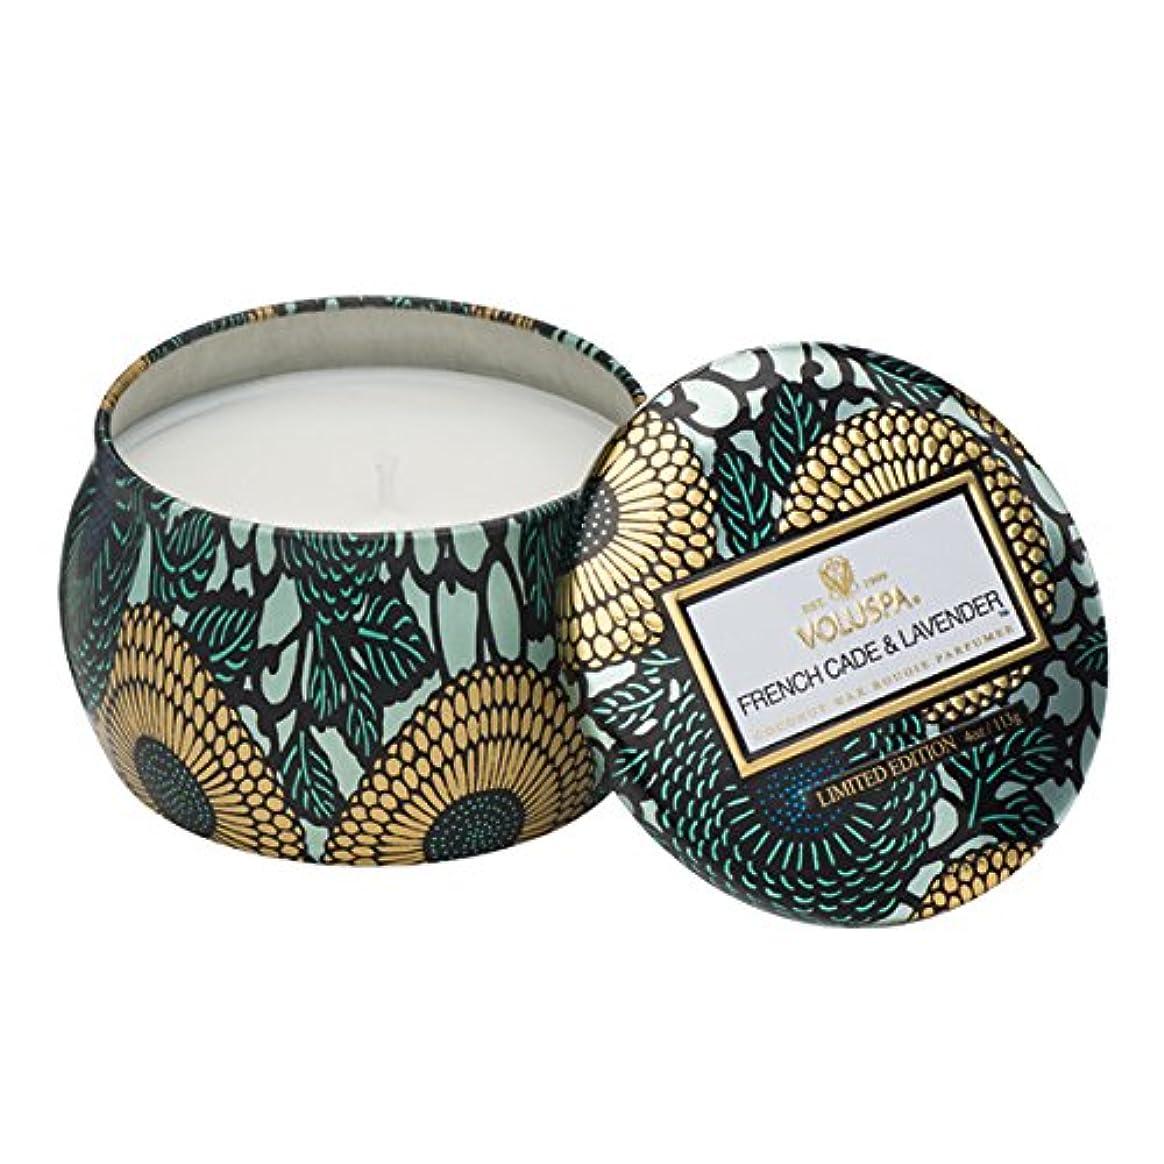 未接続前に眠るVoluspa ボルスパ ジャポニカ リミテッド ティンキャンドル  S フレンチケード&ラベンダー FRENCH CADE LAVENDER  JAPONICA Limited PETITE Tin Glass Candle